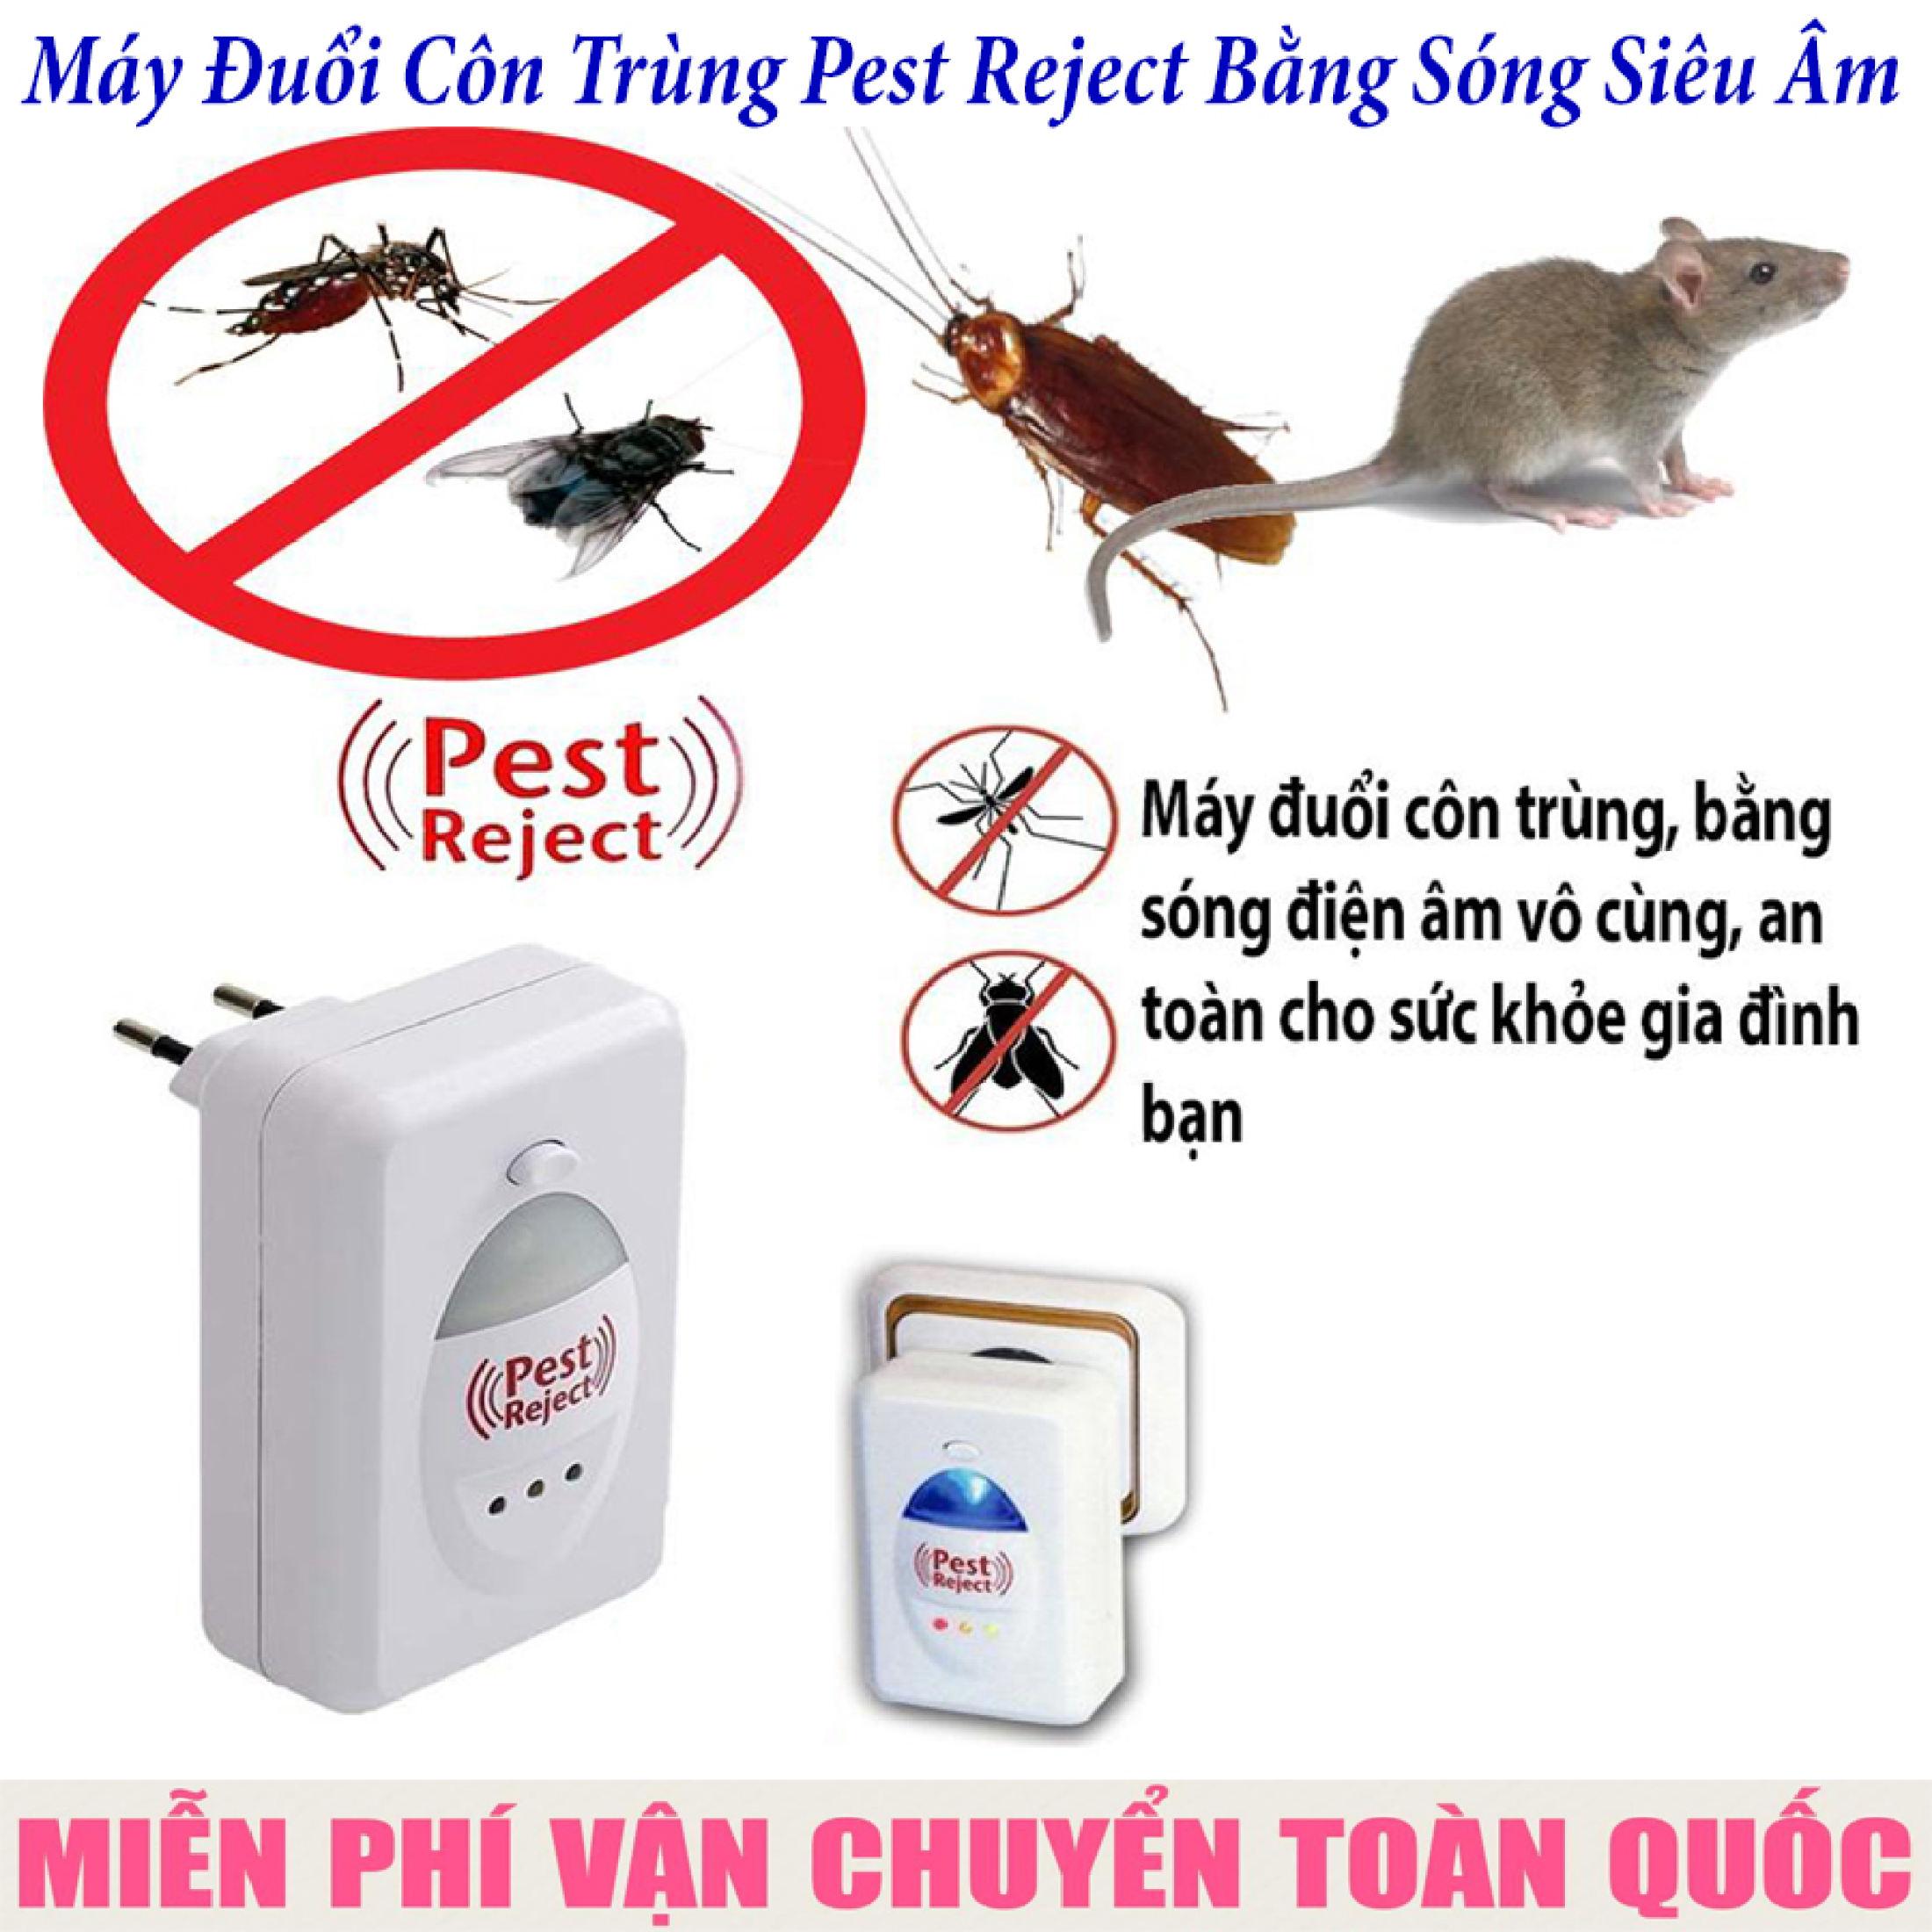 Máy Xua Đuổi Chuột, Đuổi Côn Trùng Thành Công 100% Pm315, Đuổi Tất Cả Các Con Dơ Bẩn Và Gây...